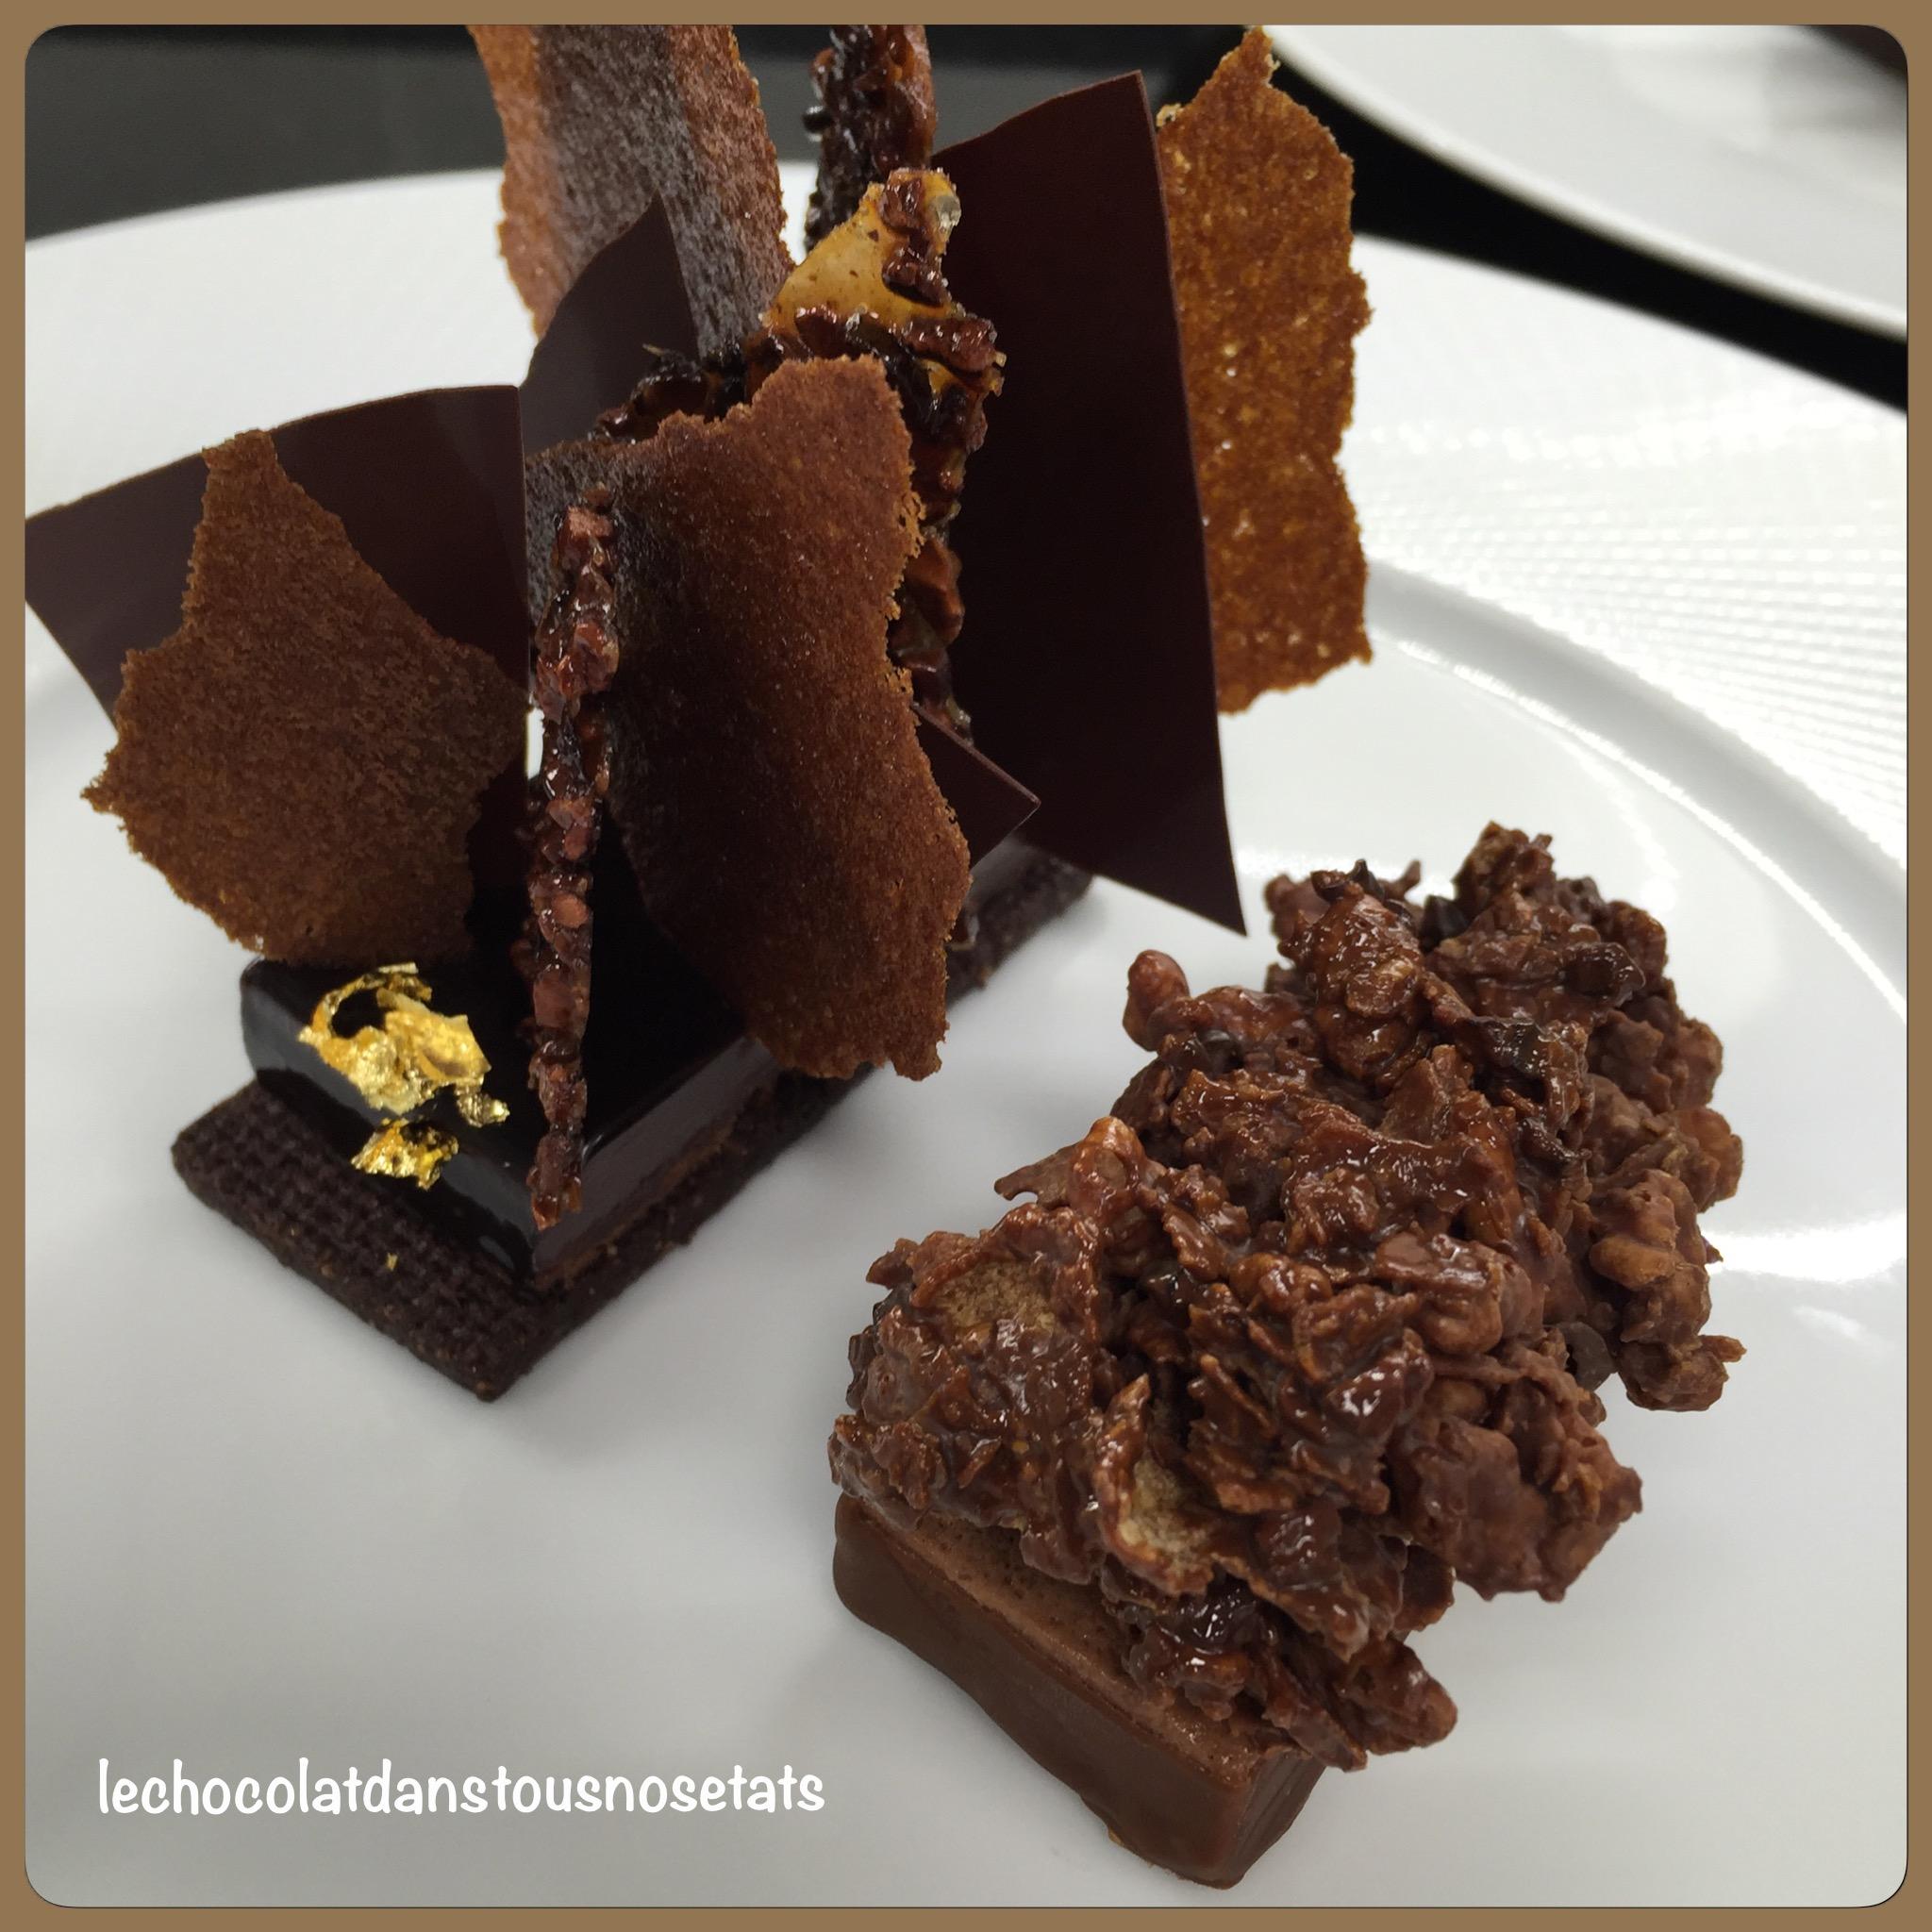 Préférence Les desserts au chocolat de Desty Brami, restaurant gastronomique  SB48